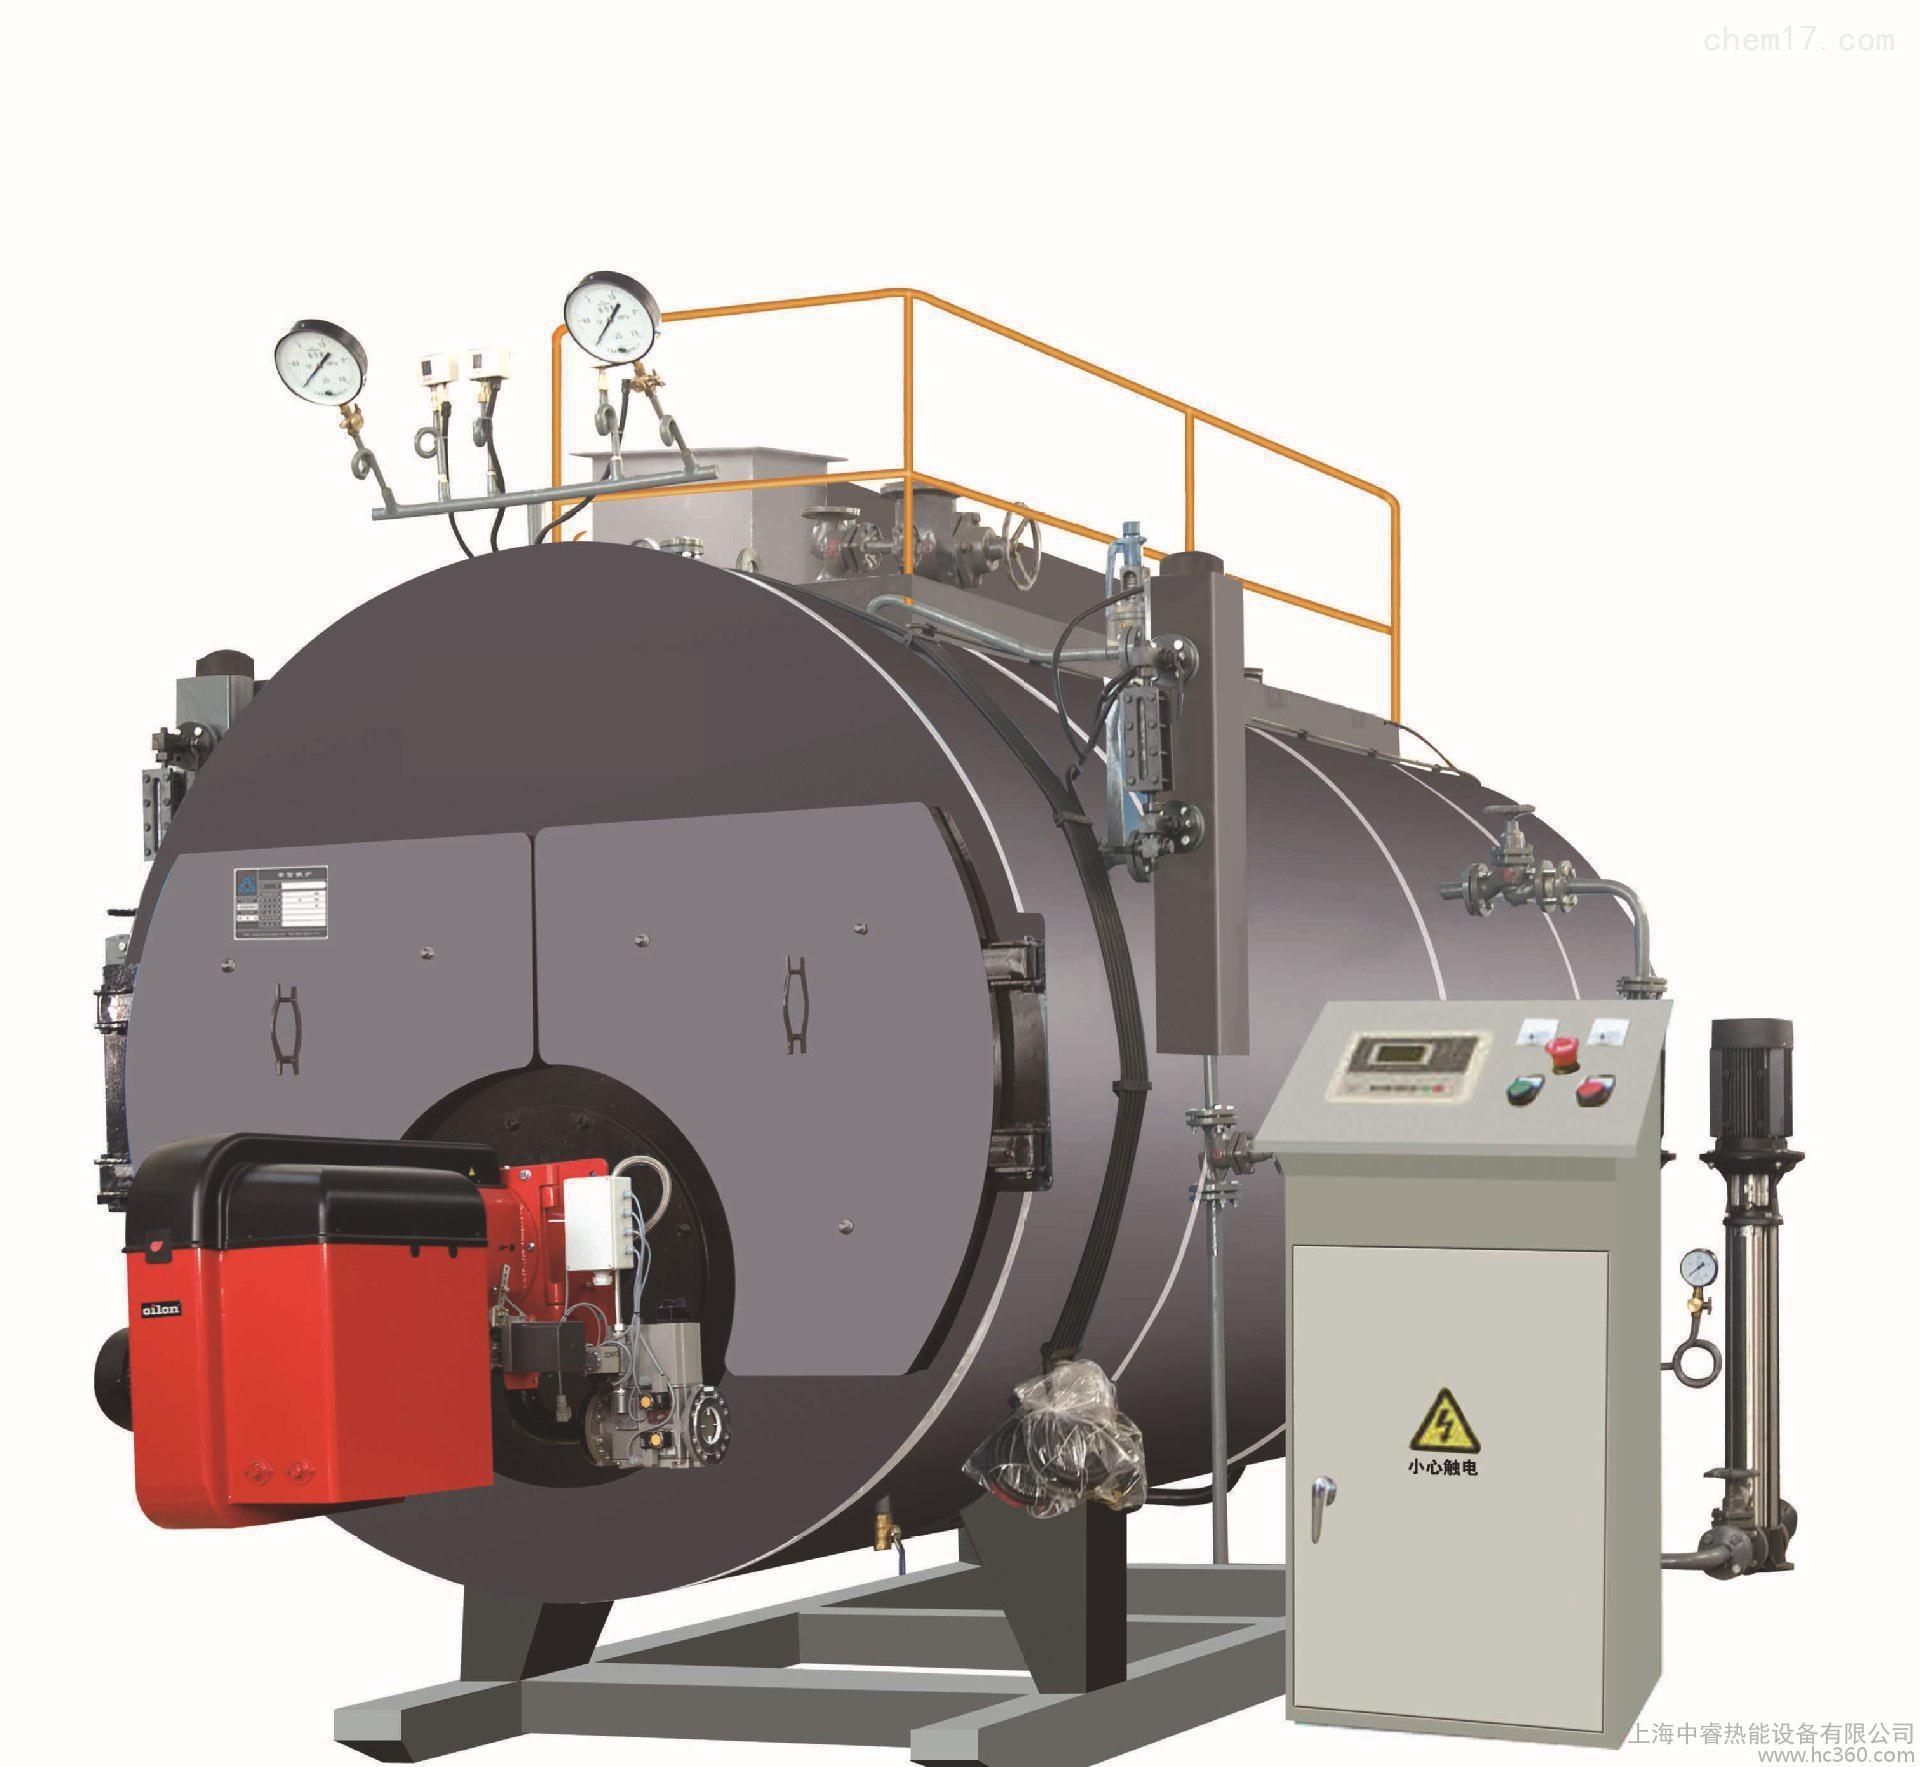 河北邢台2吨环保锅炉2吨蒸汽锅炉2吨燃气锅炉价格2吨低氮锅炉厂家